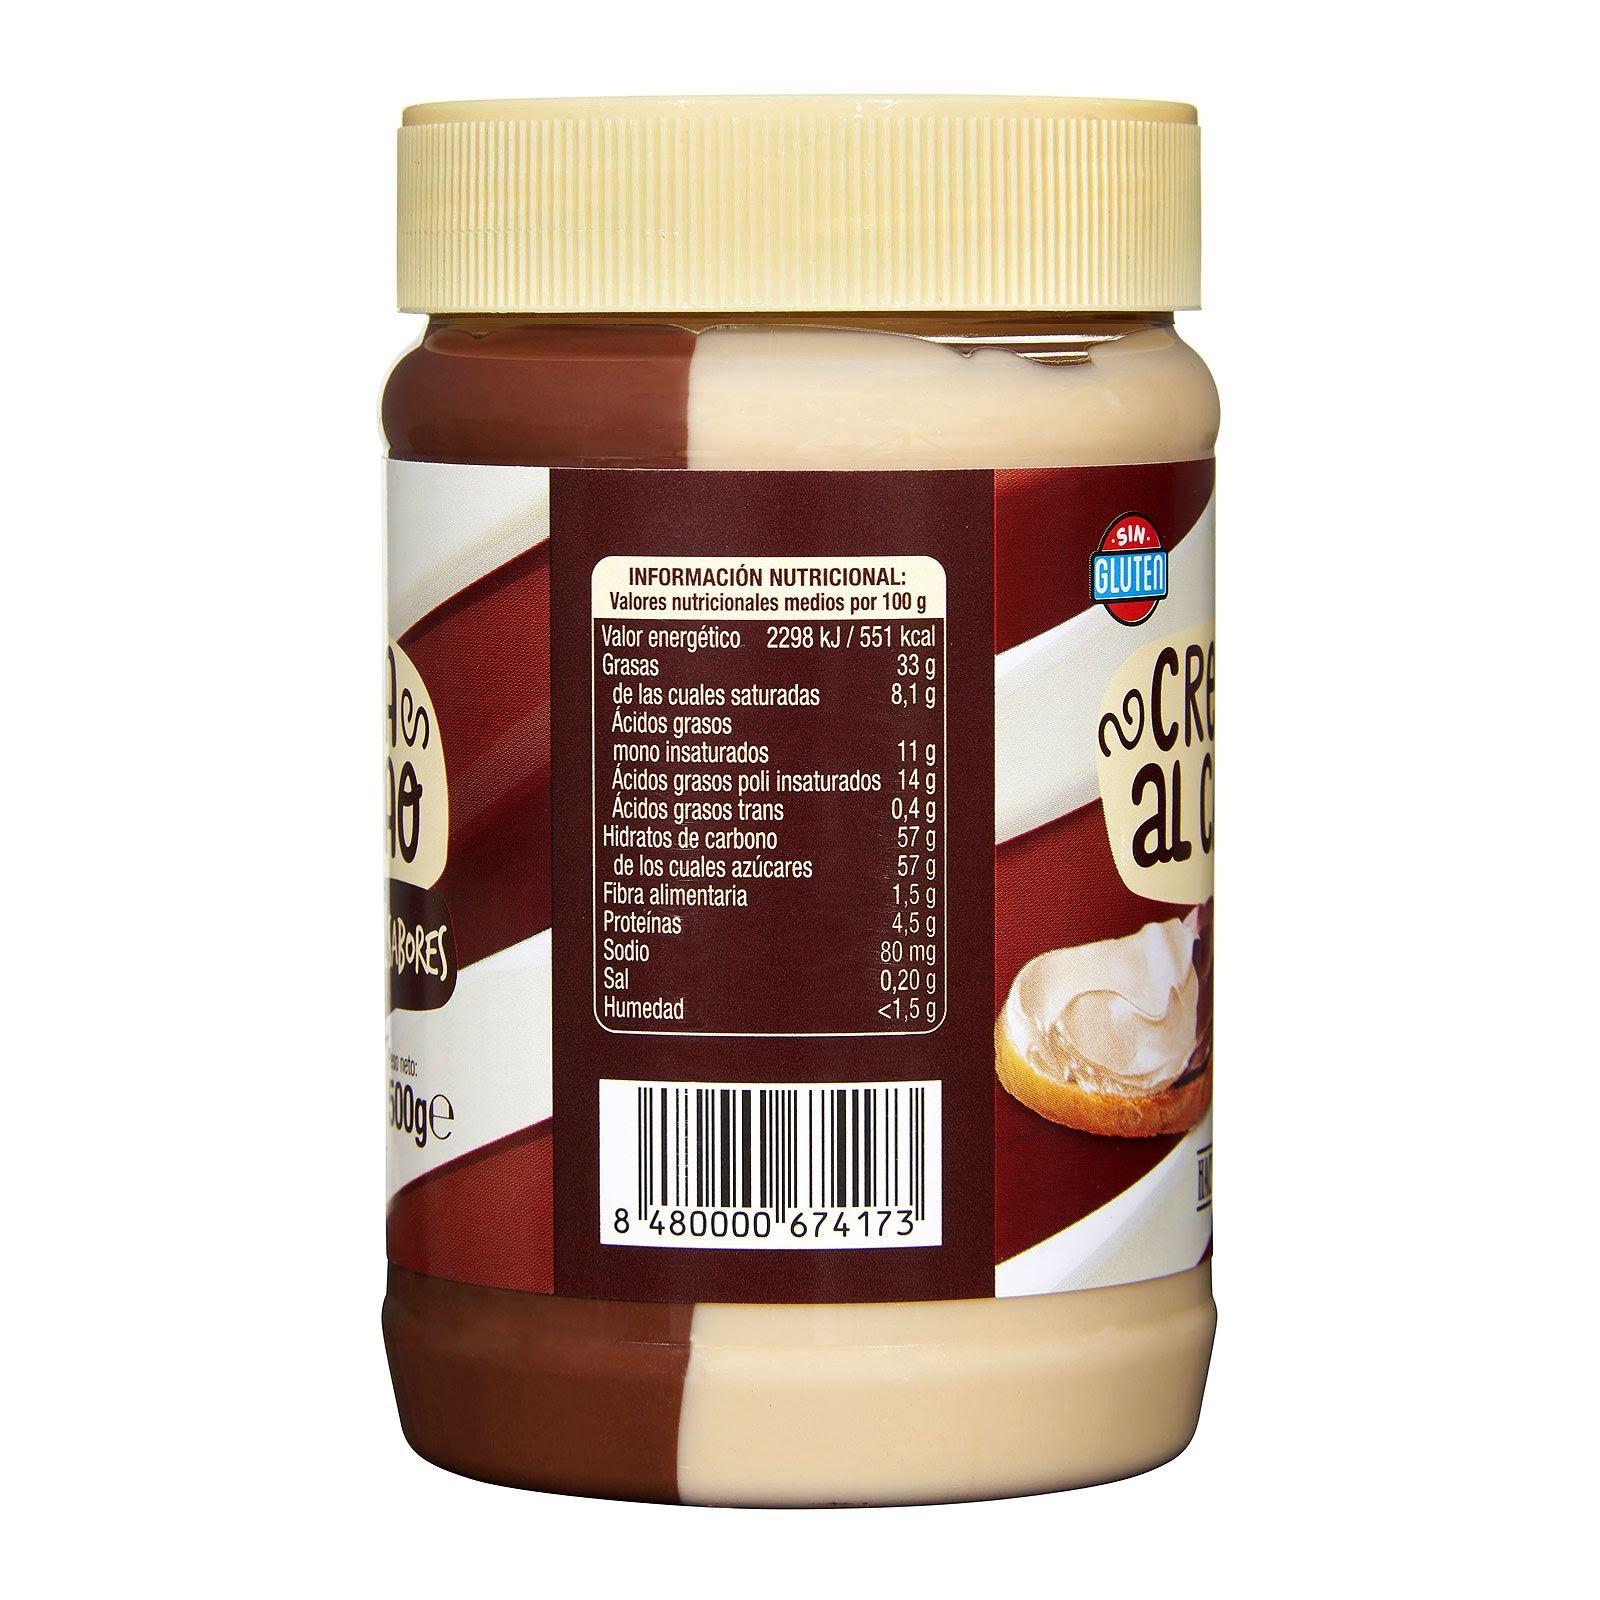 Crema al cacao con avellanas 2 sabores Hacendado